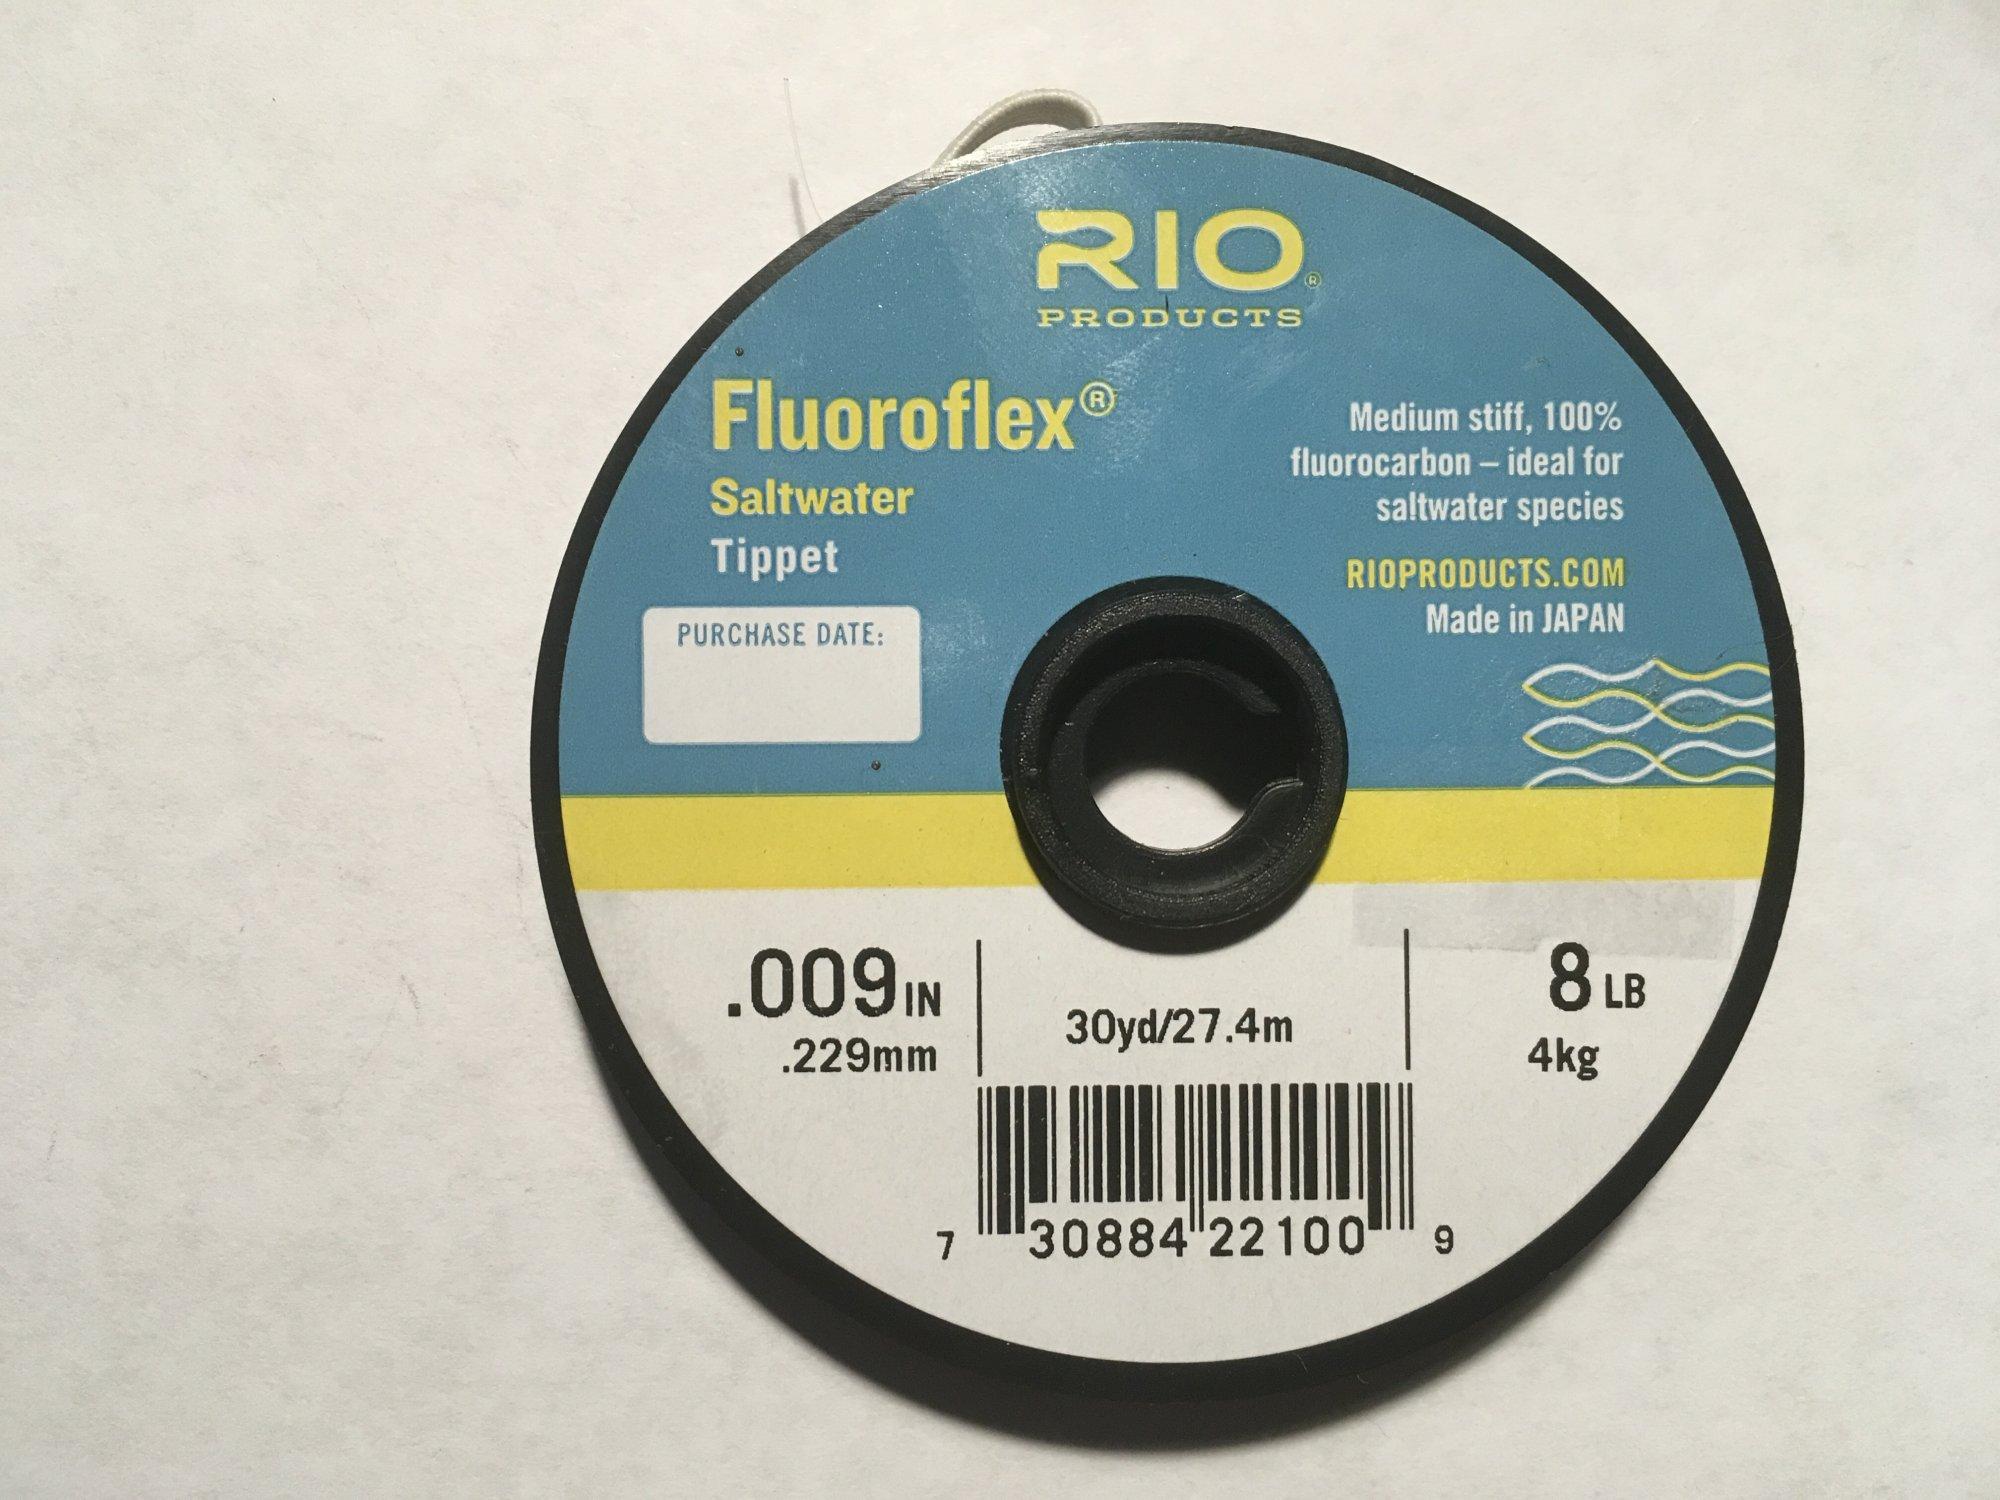 Flouroflex 8 lb Saltwater tippet